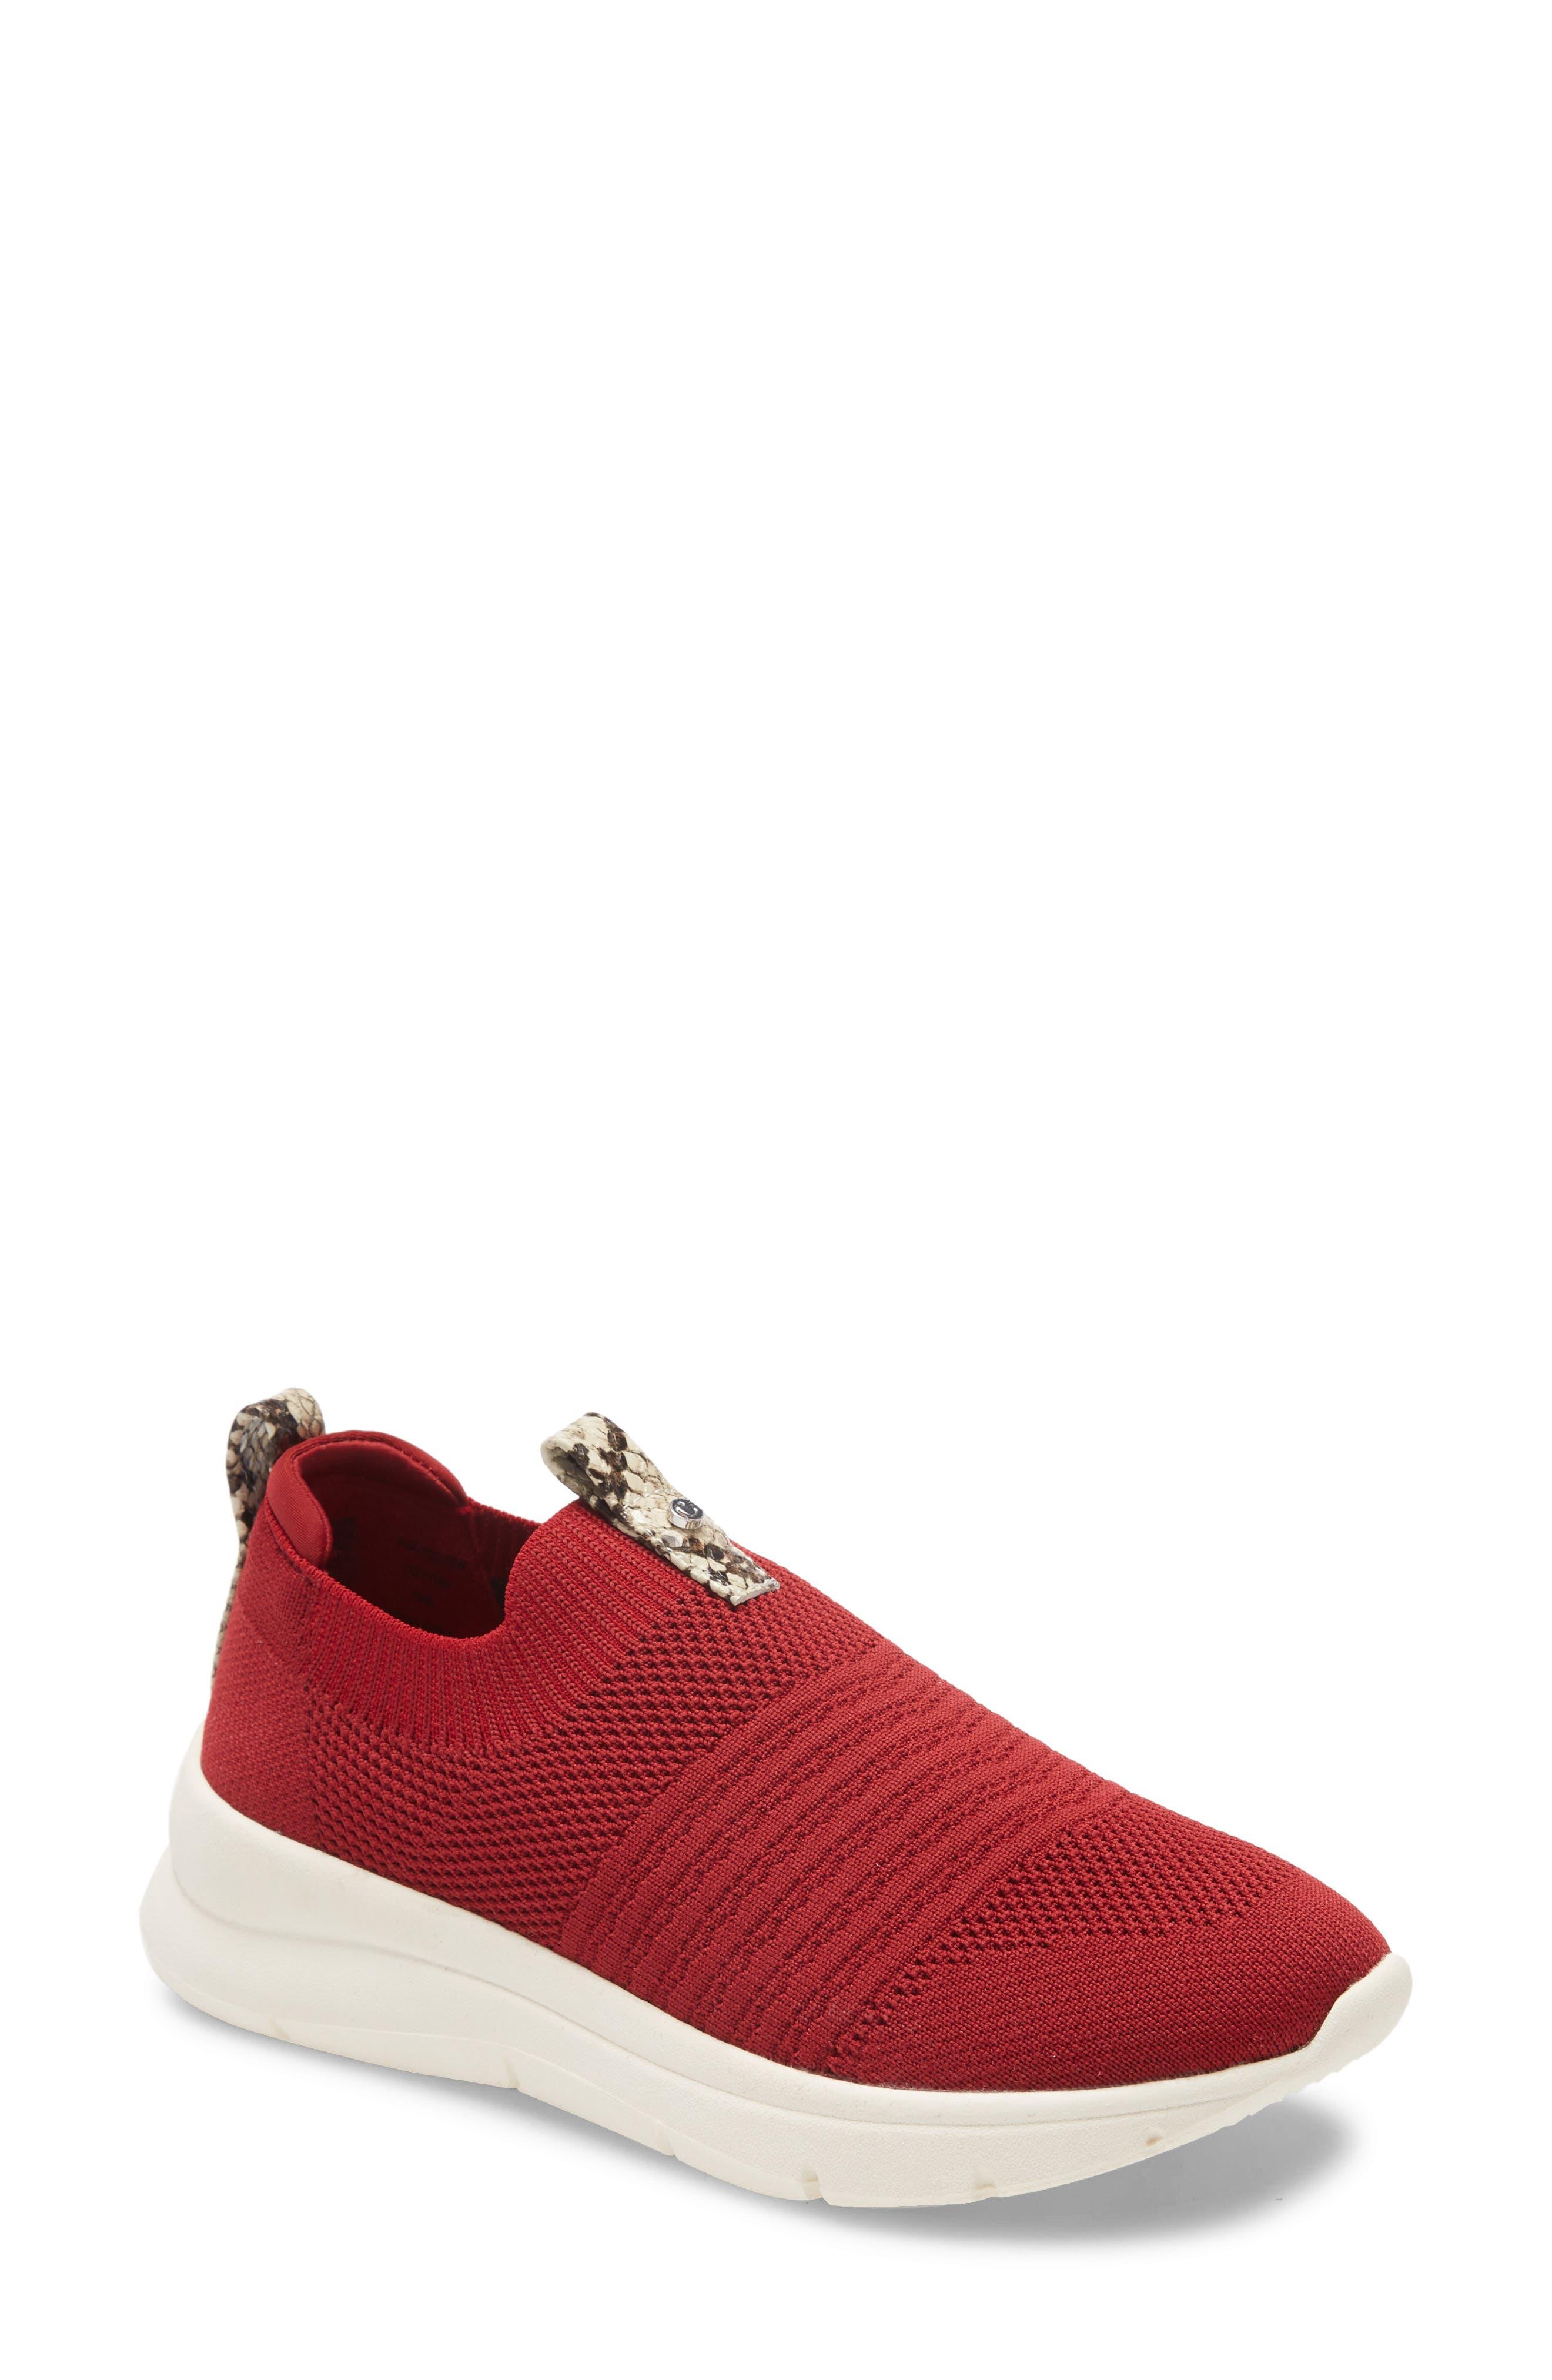 Cosmic Slip-On Sneaker